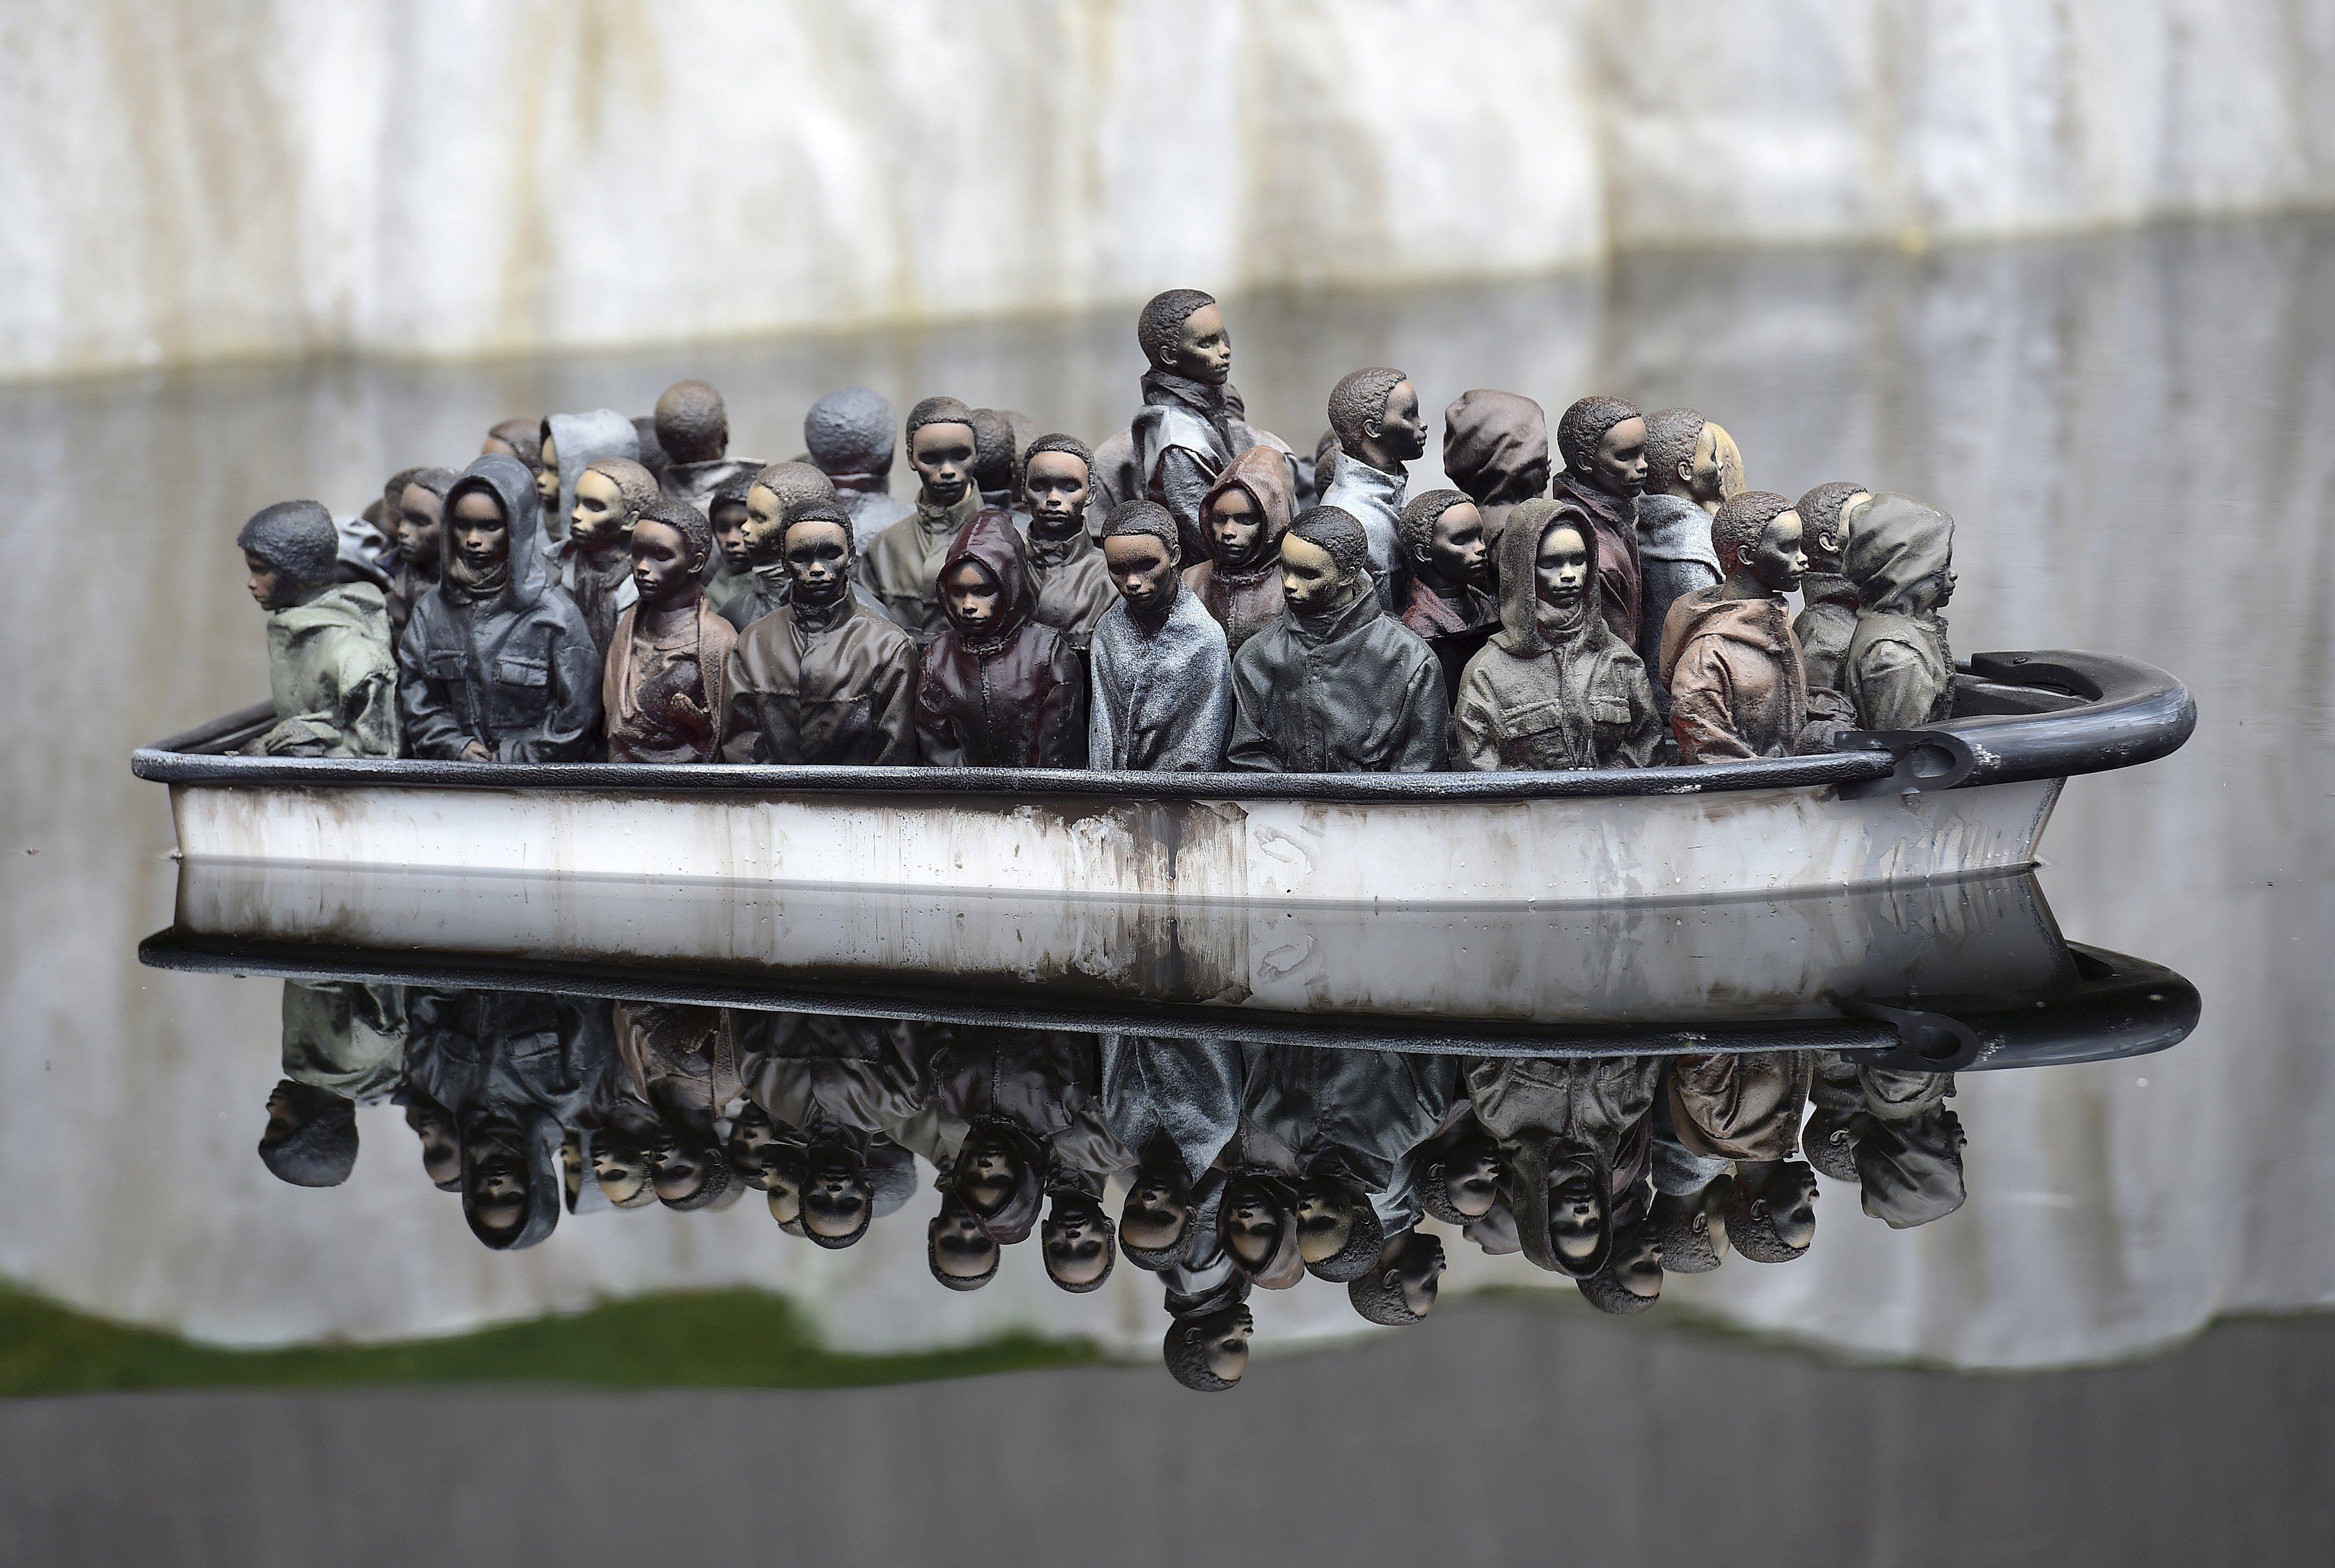 Na #Europa, artistas de rua têm chamado atenção ao retratar em suas obras a crise de refugiados do continente. É o caso de #Banksy, que em sua recém-inaugurada #Dismaland confeccionou uma instalação que reproduz barcos de refugiados em um lago. Foto: Toby Melville/Reuters.